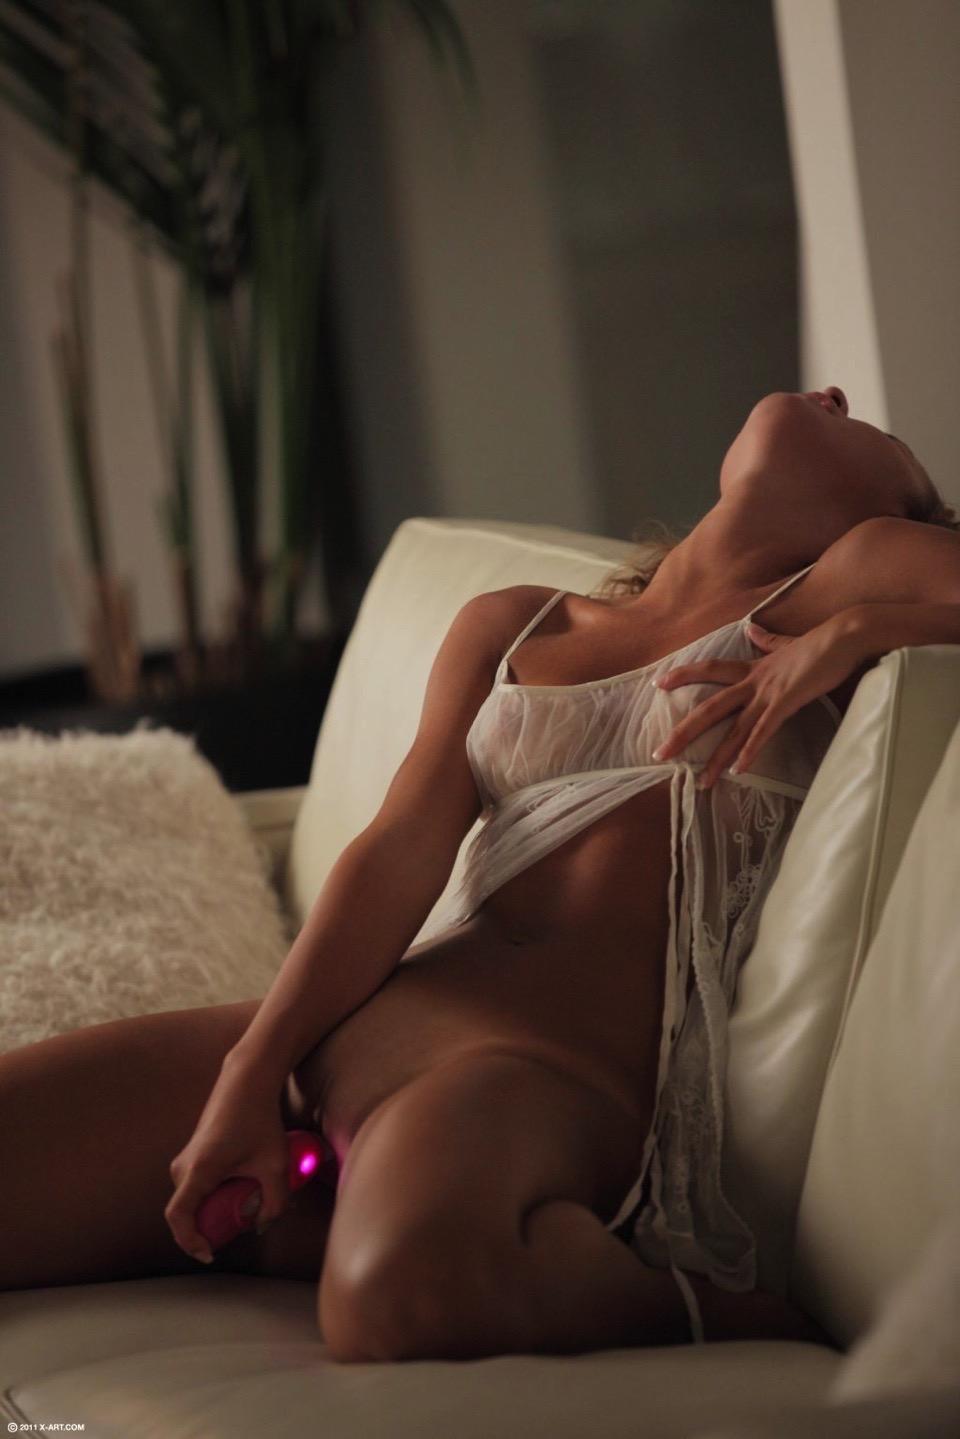 Weekly erotic picdump - 15/2018 - 68